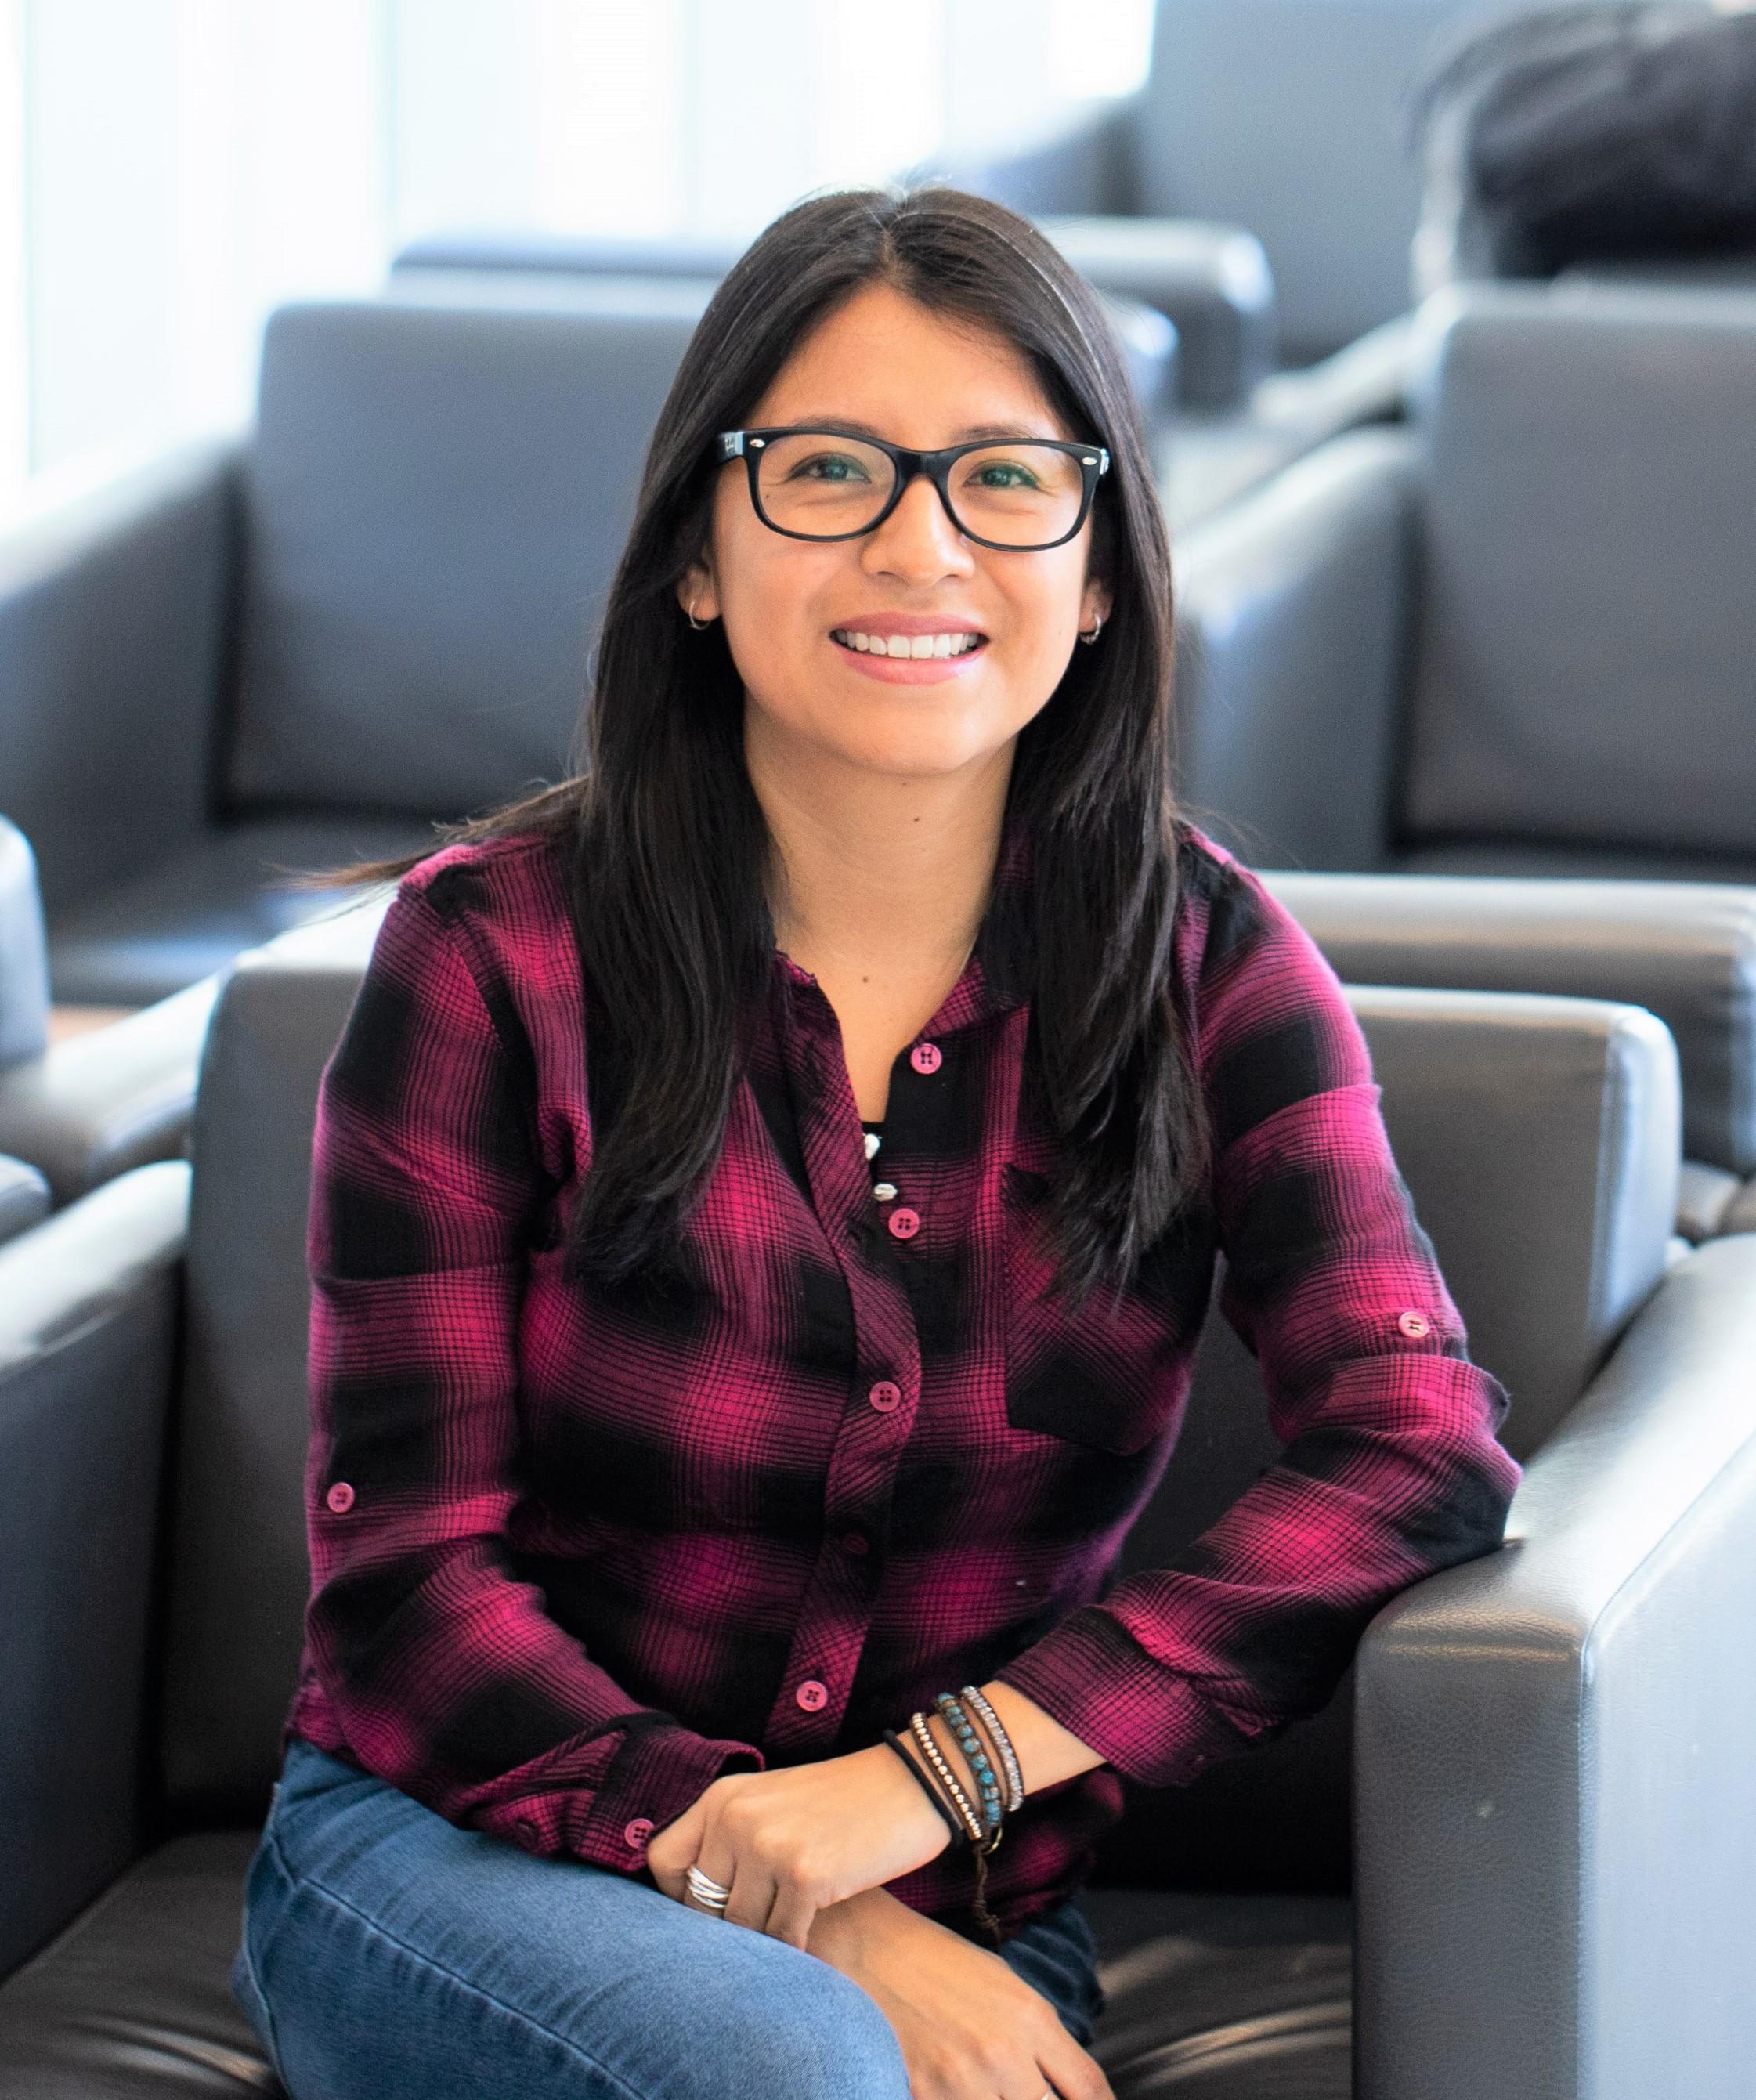 A picture of Daniela Quintero